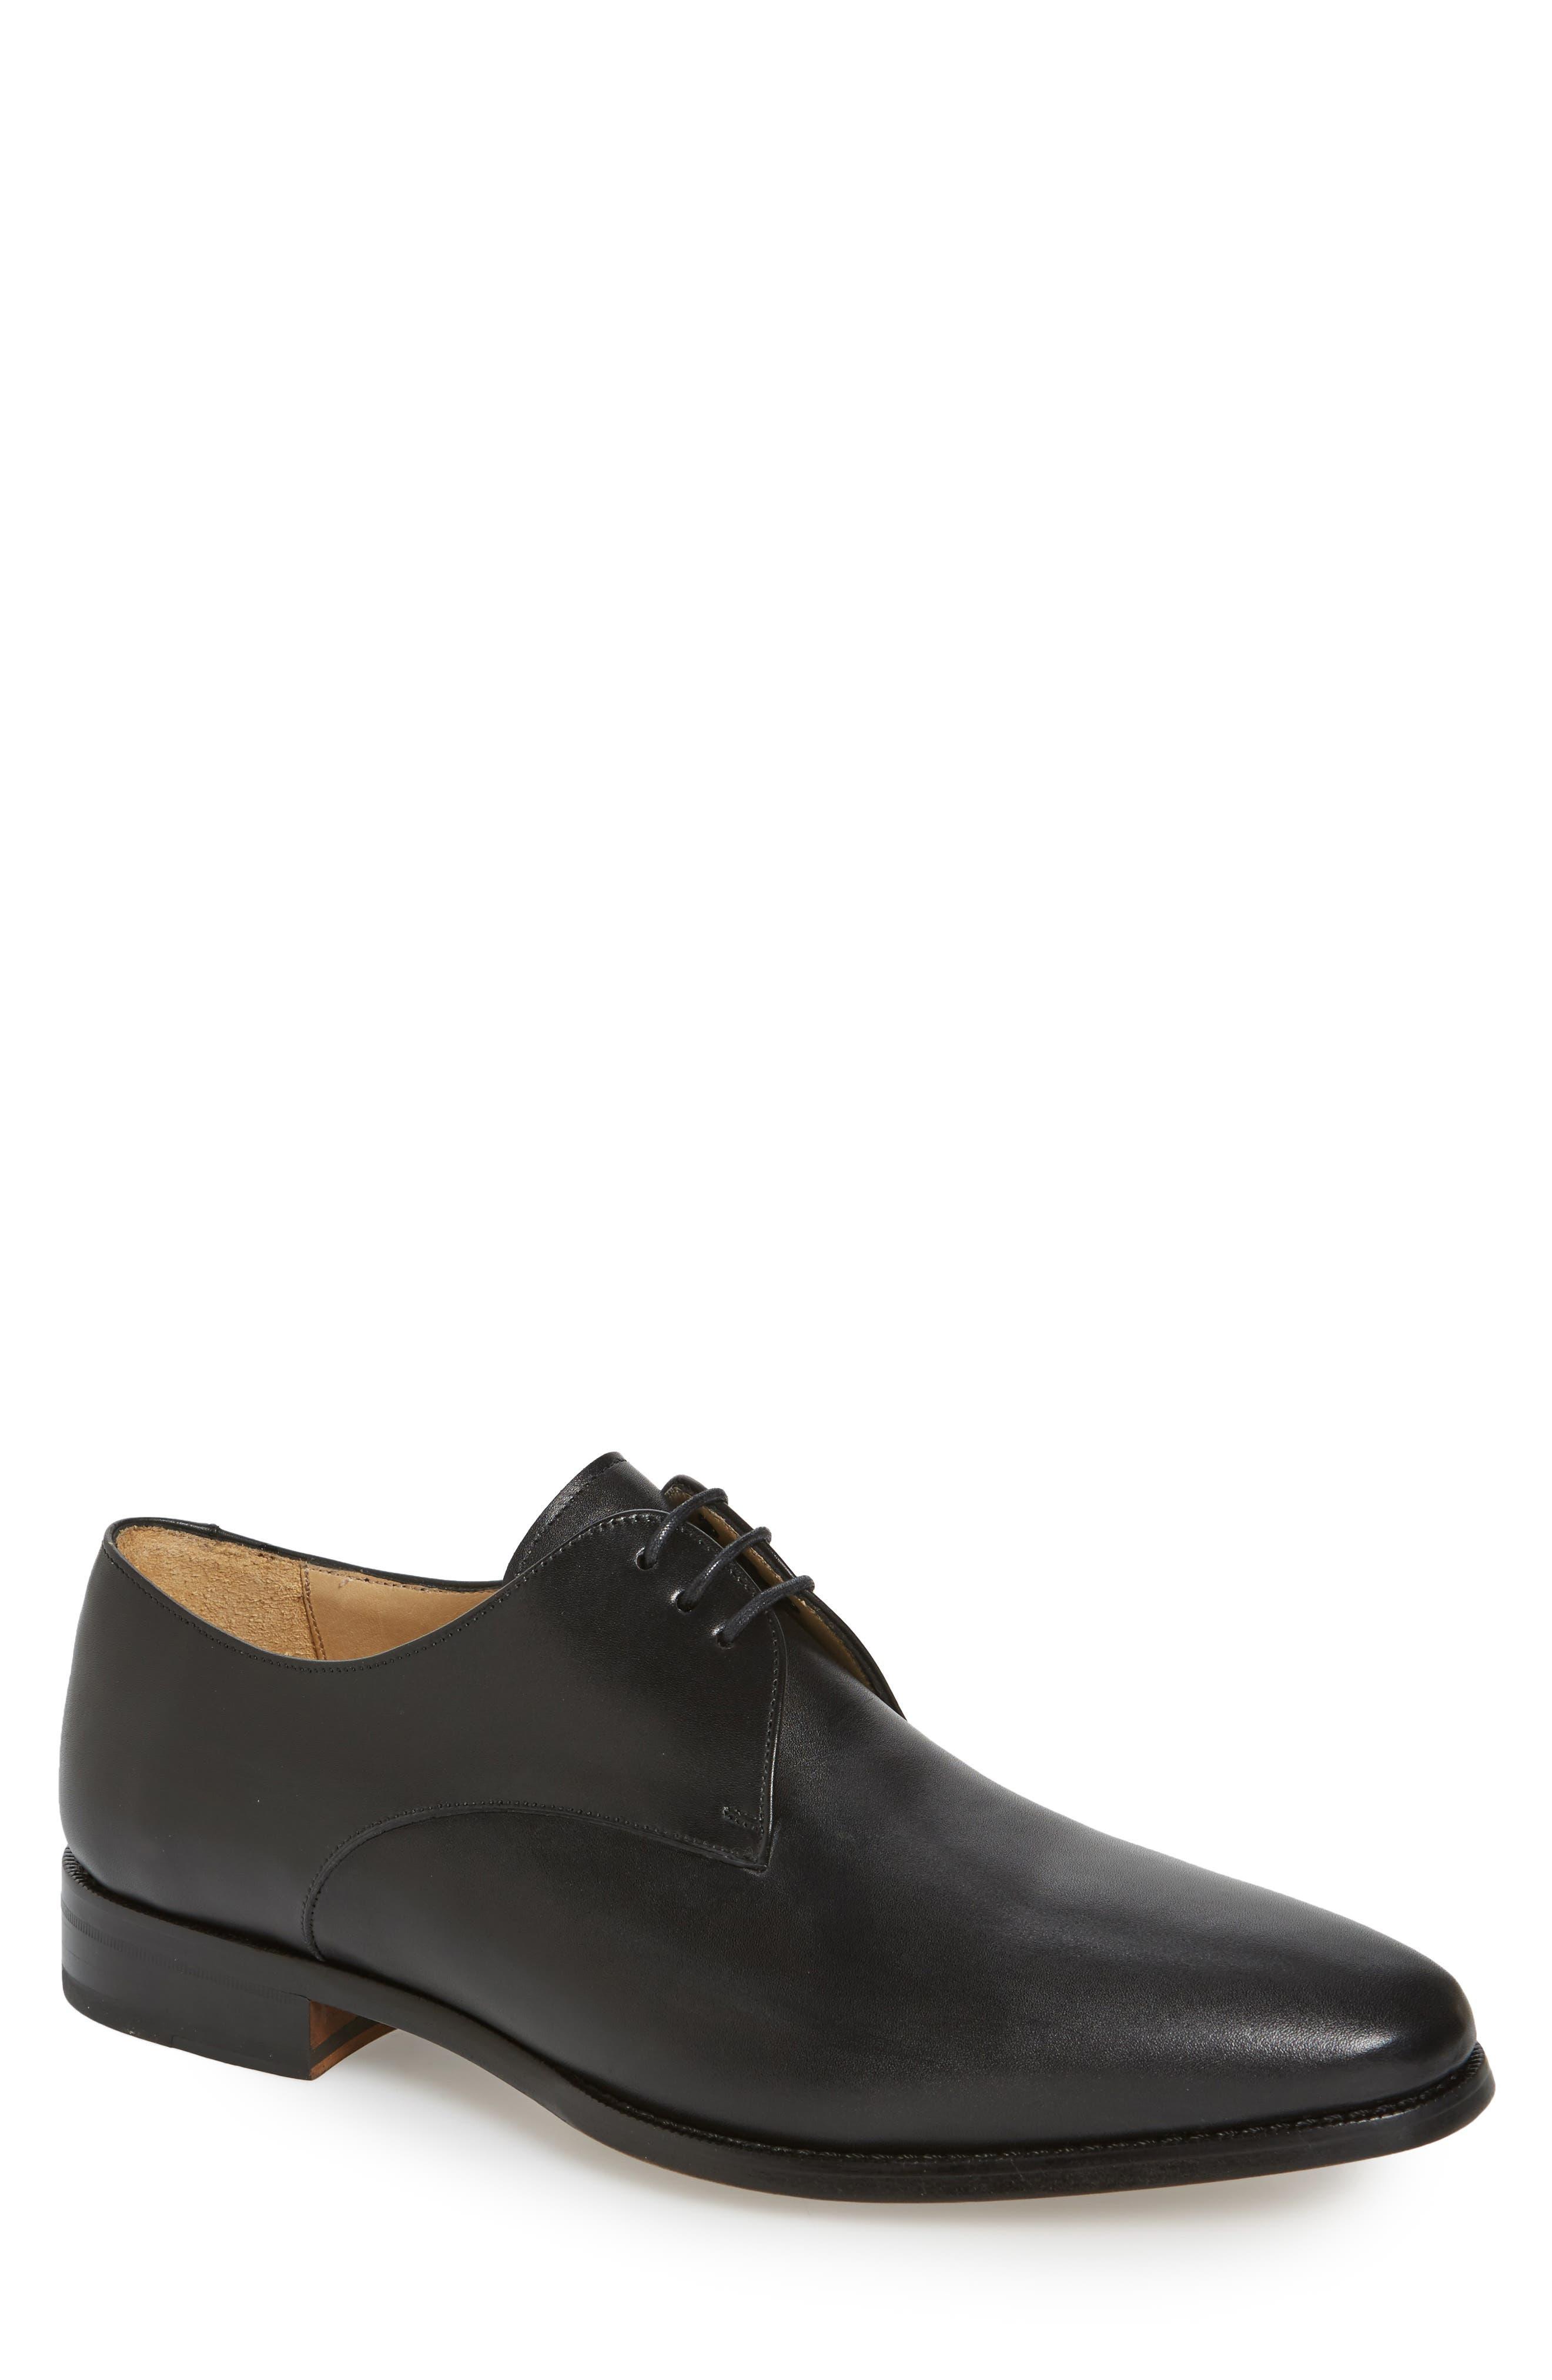 Mitch Plain Toe Derby,                         Main,                         color, Black Leather